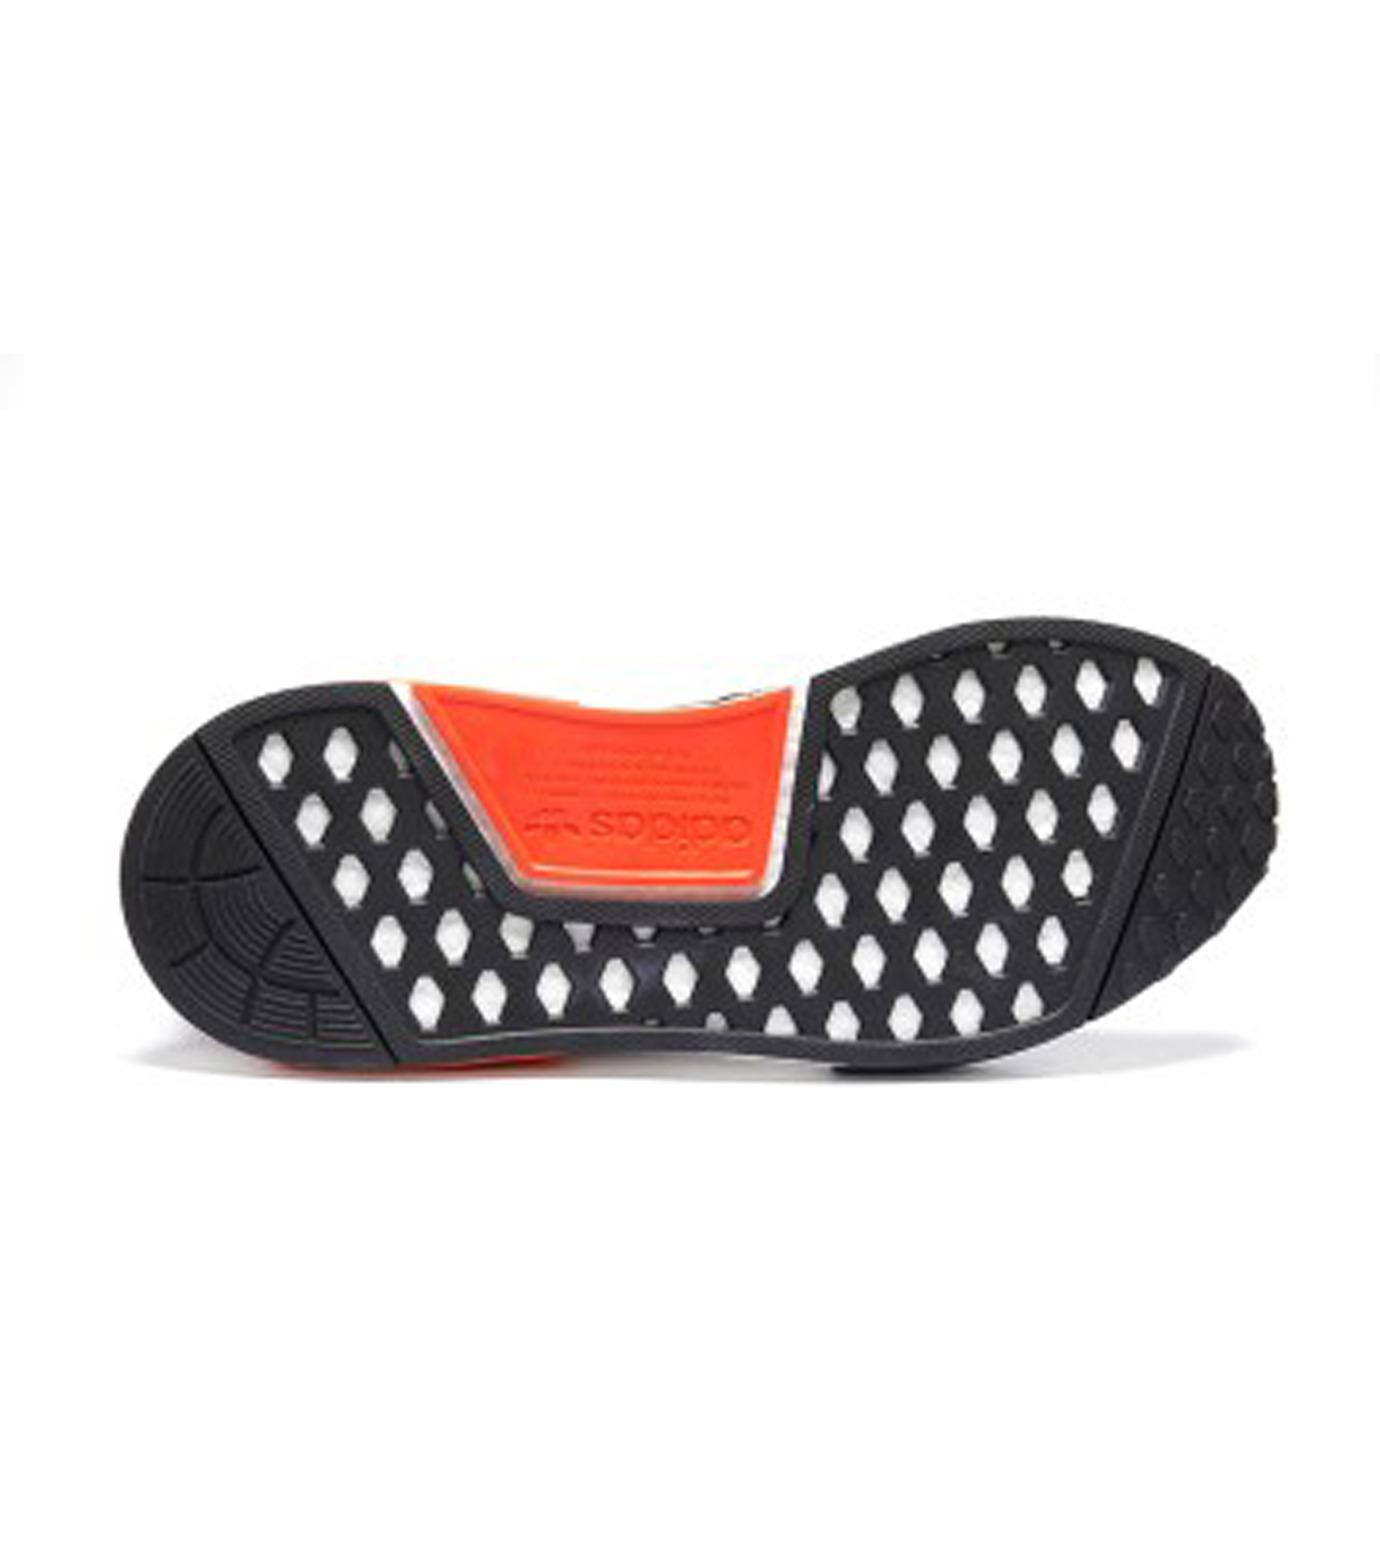 adidas(アディダス)のNMD R1-GRAY(シューズ/shoes)-S31510-11 拡大詳細画像2